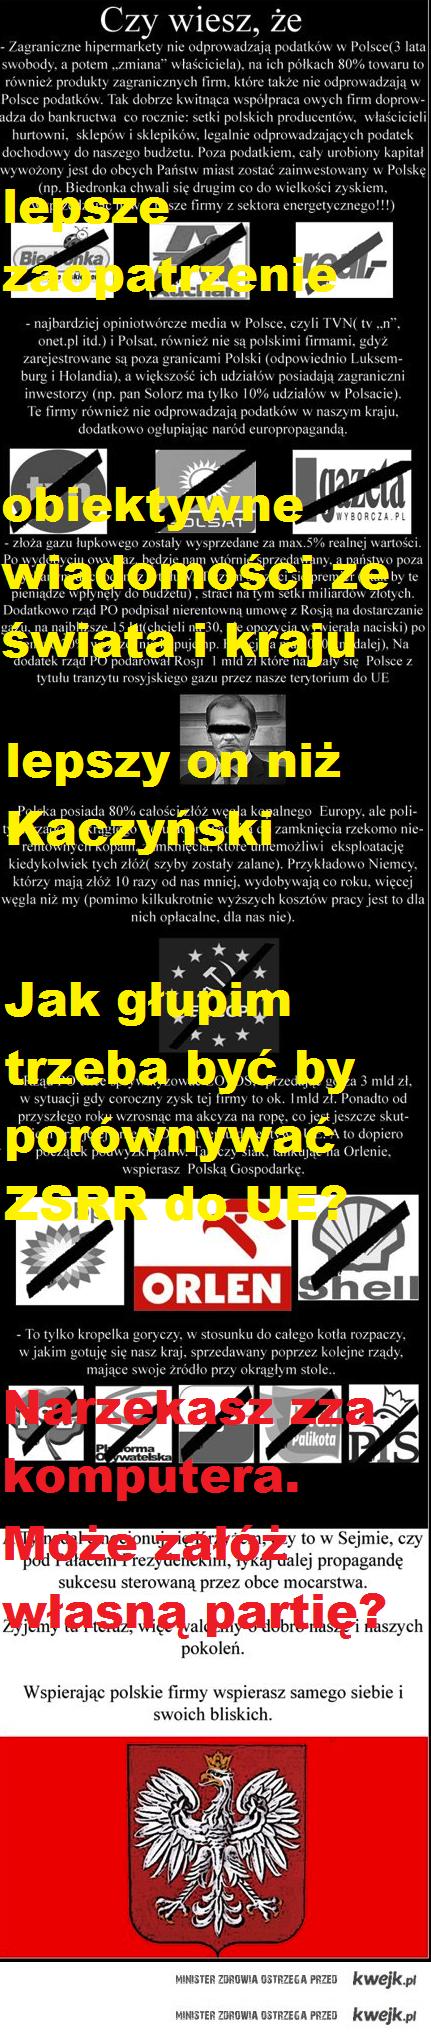 Polscy malkontenci